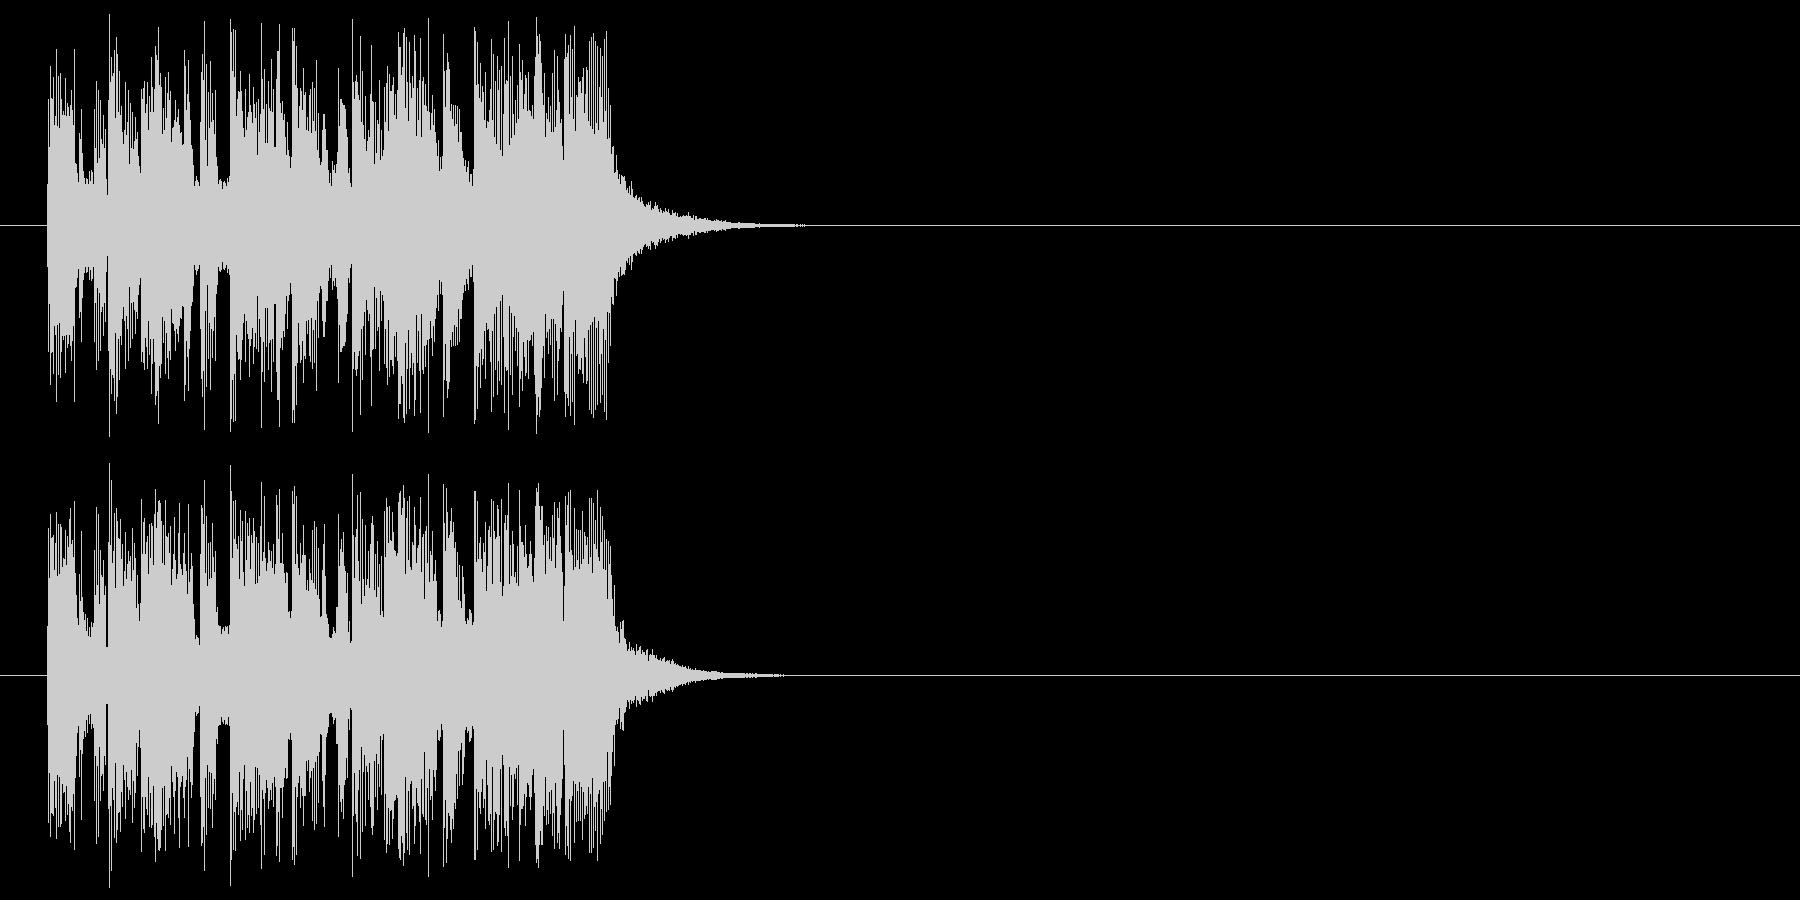 ジングル(ヘヴィロック風)の未再生の波形